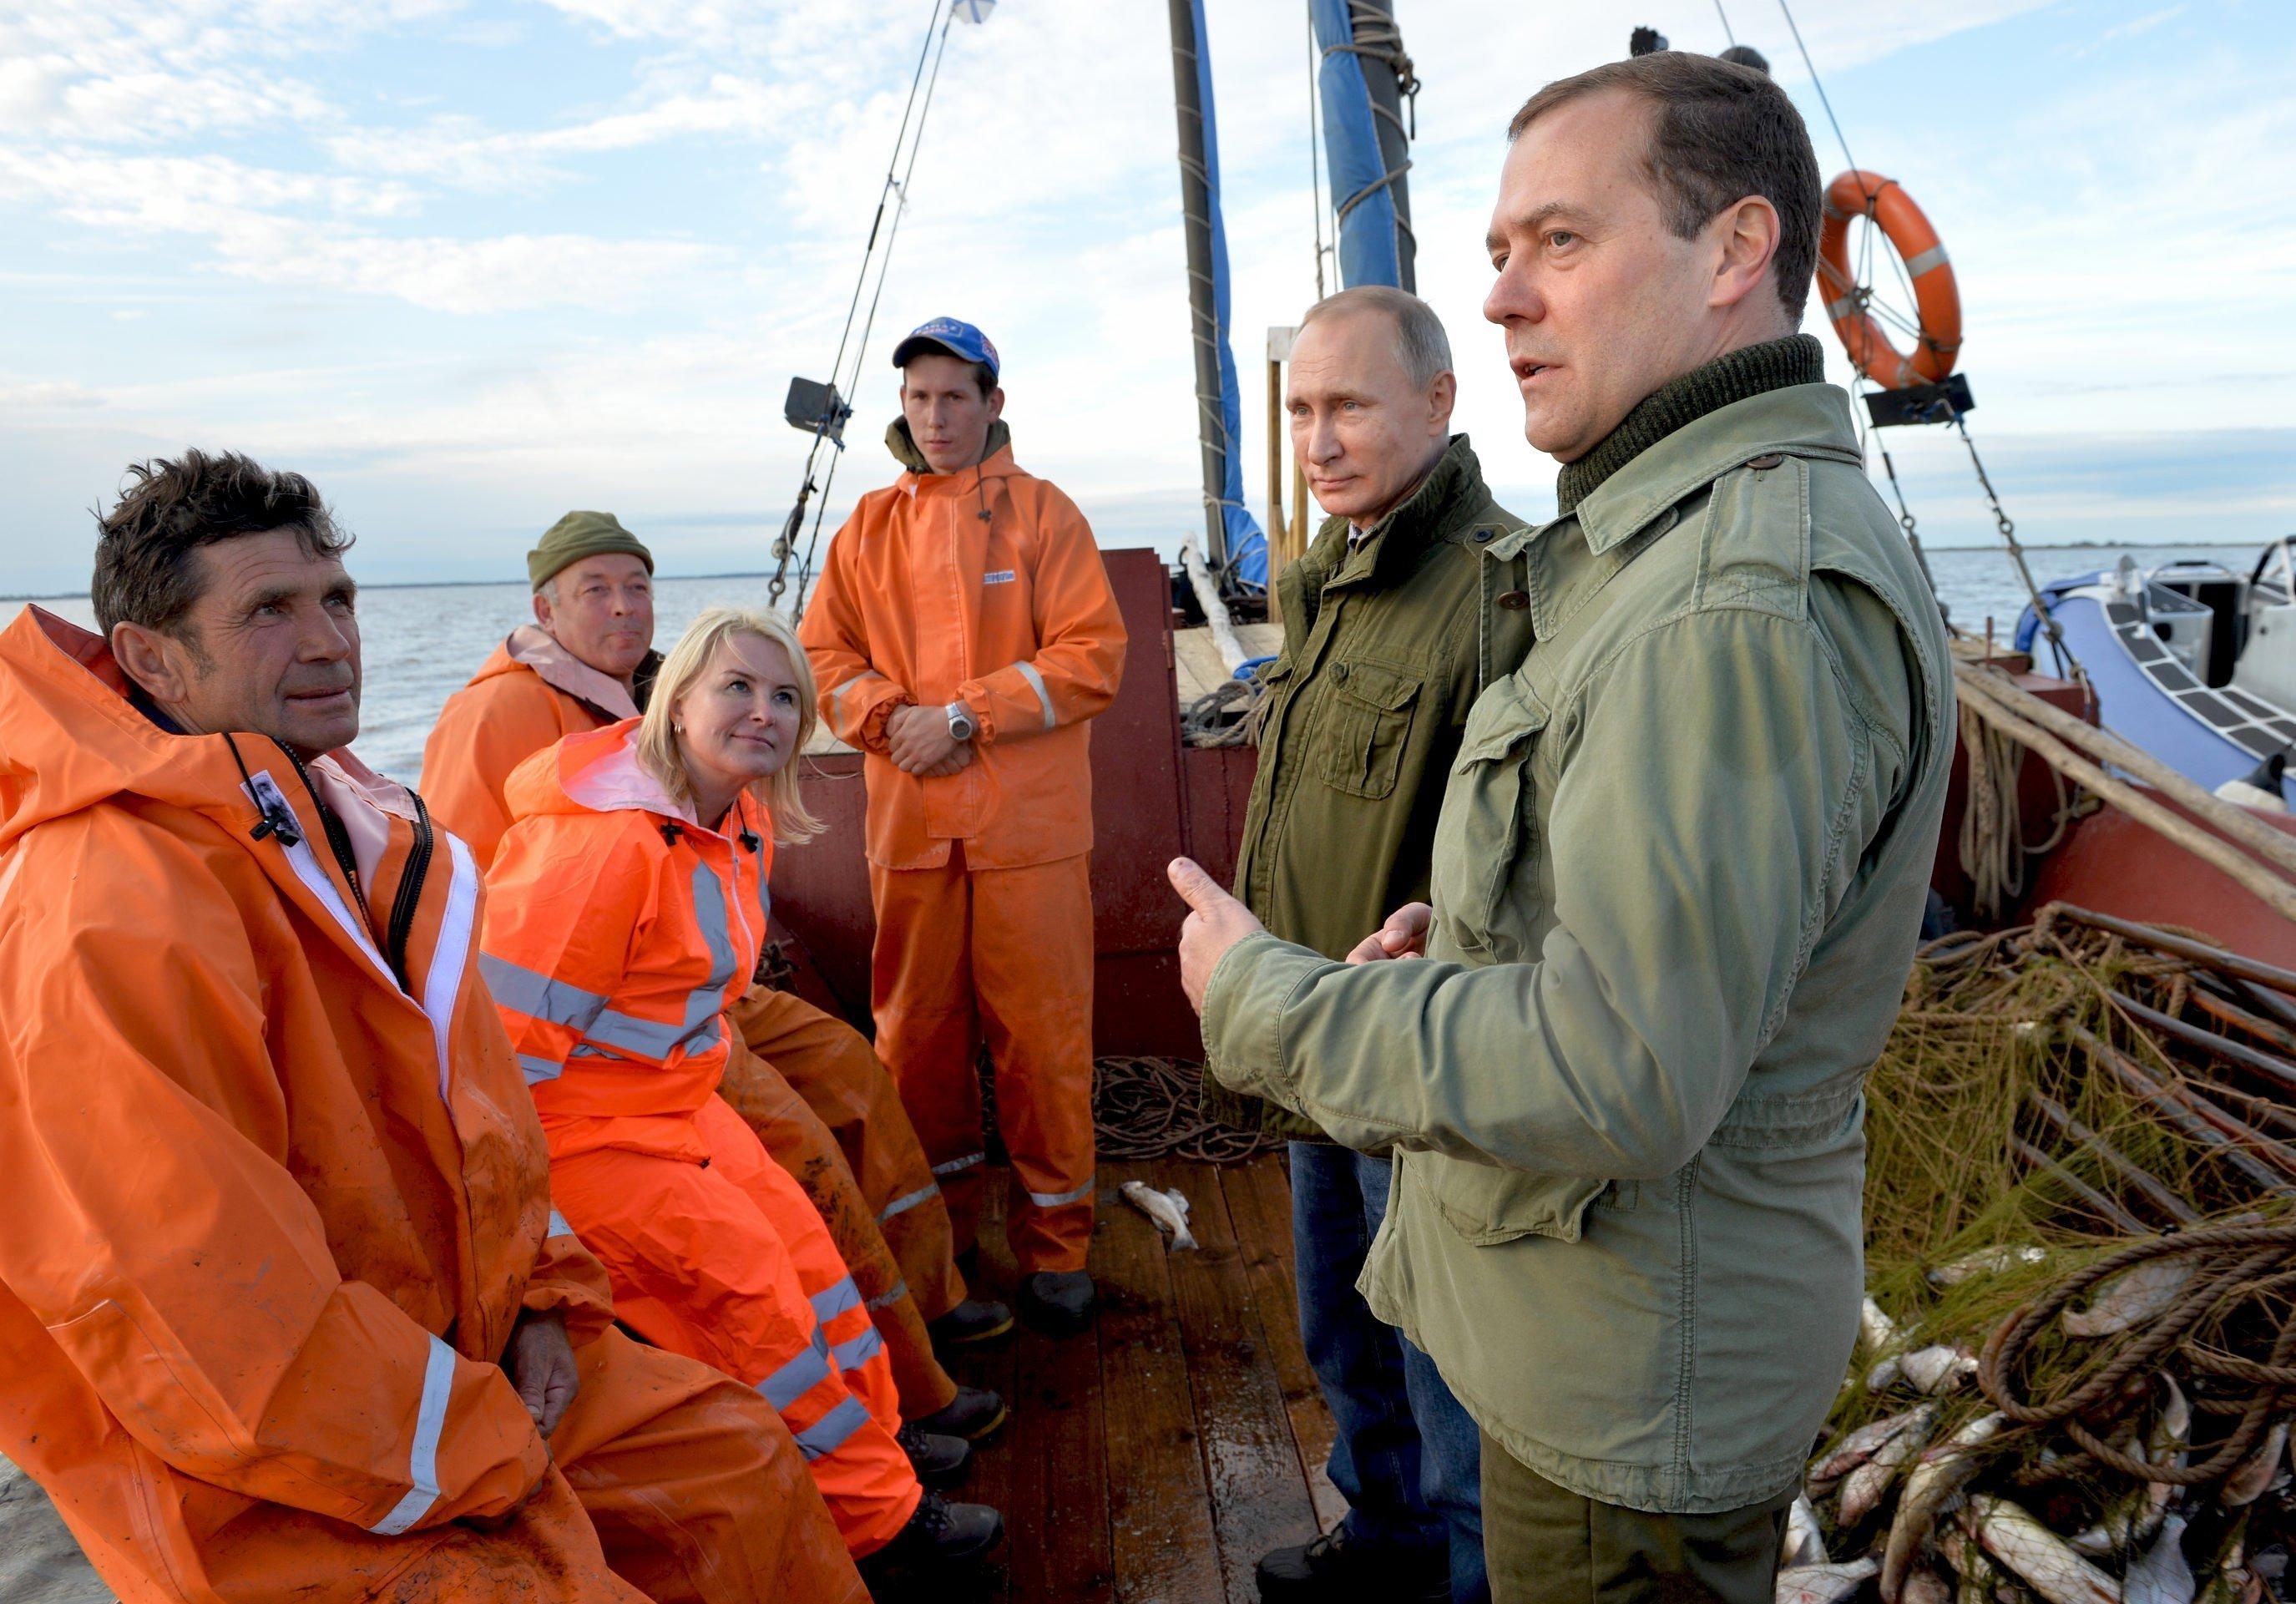 O presidente russo Vladimir Putin e o primeiro-ministro Dmitry Medvedev falam com pescadores durante um passeio de barco no lago Ilmen, Região de Novgorod, em 10 de setembro de 2016